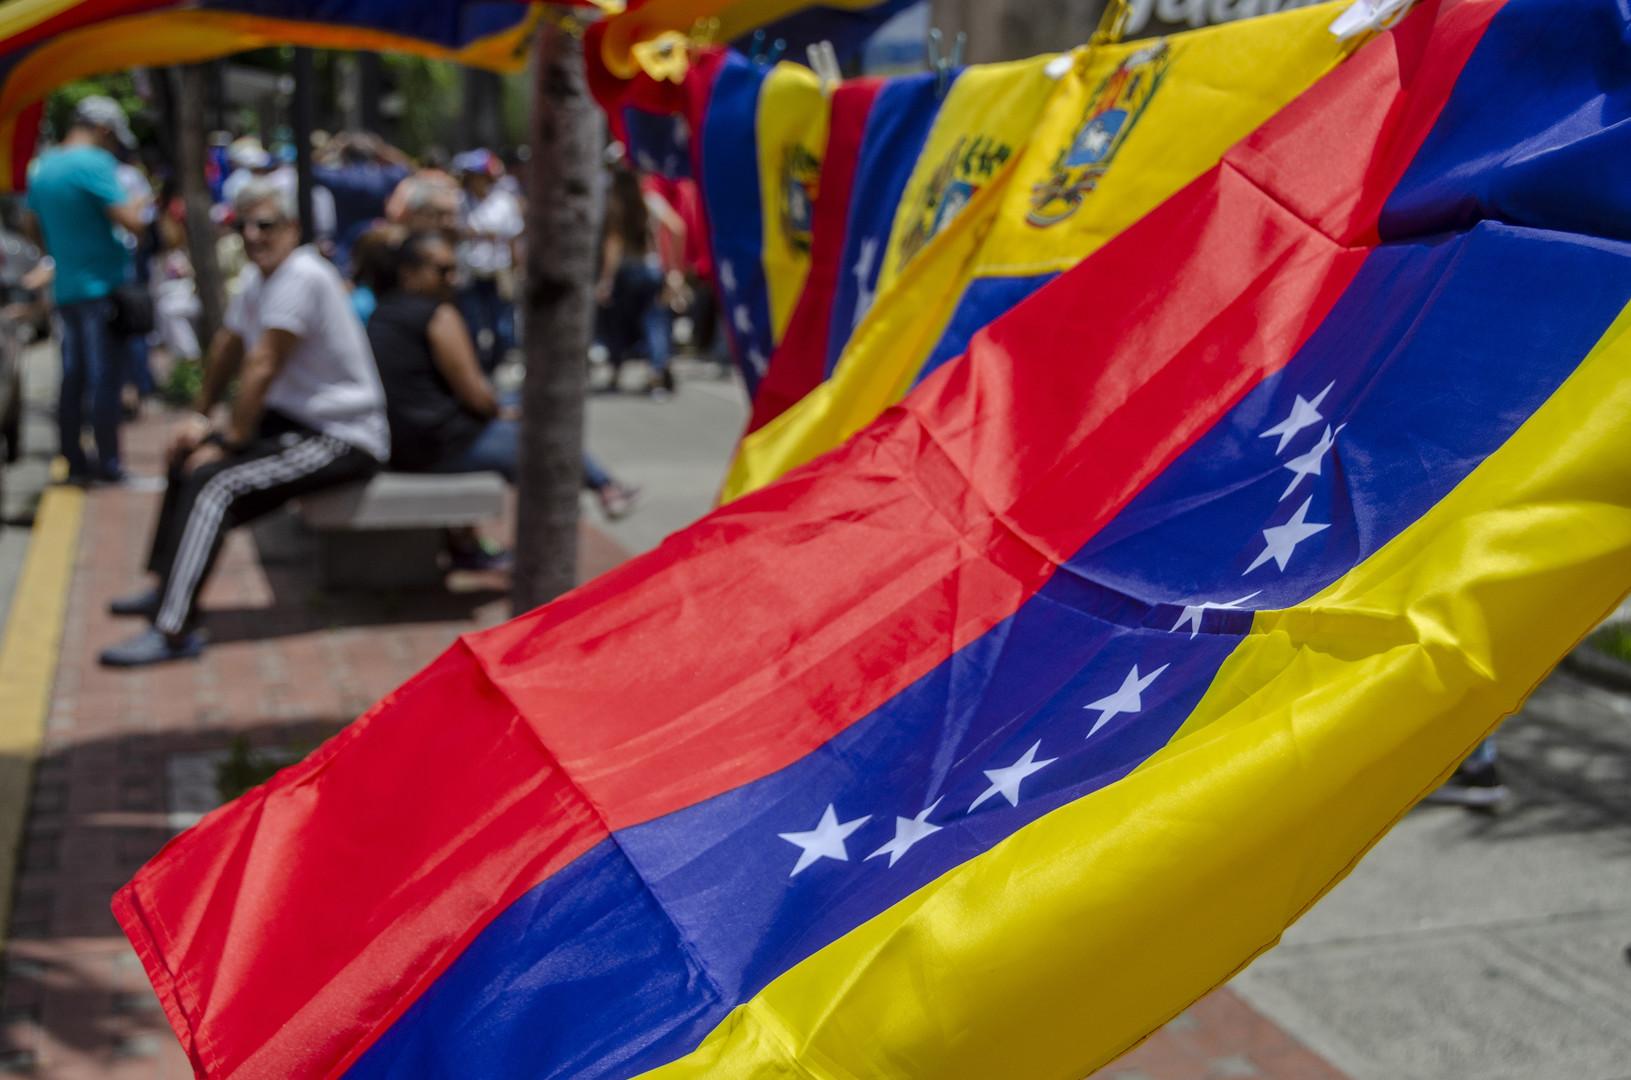 مصير فنزويلا يقرر في باربادوس